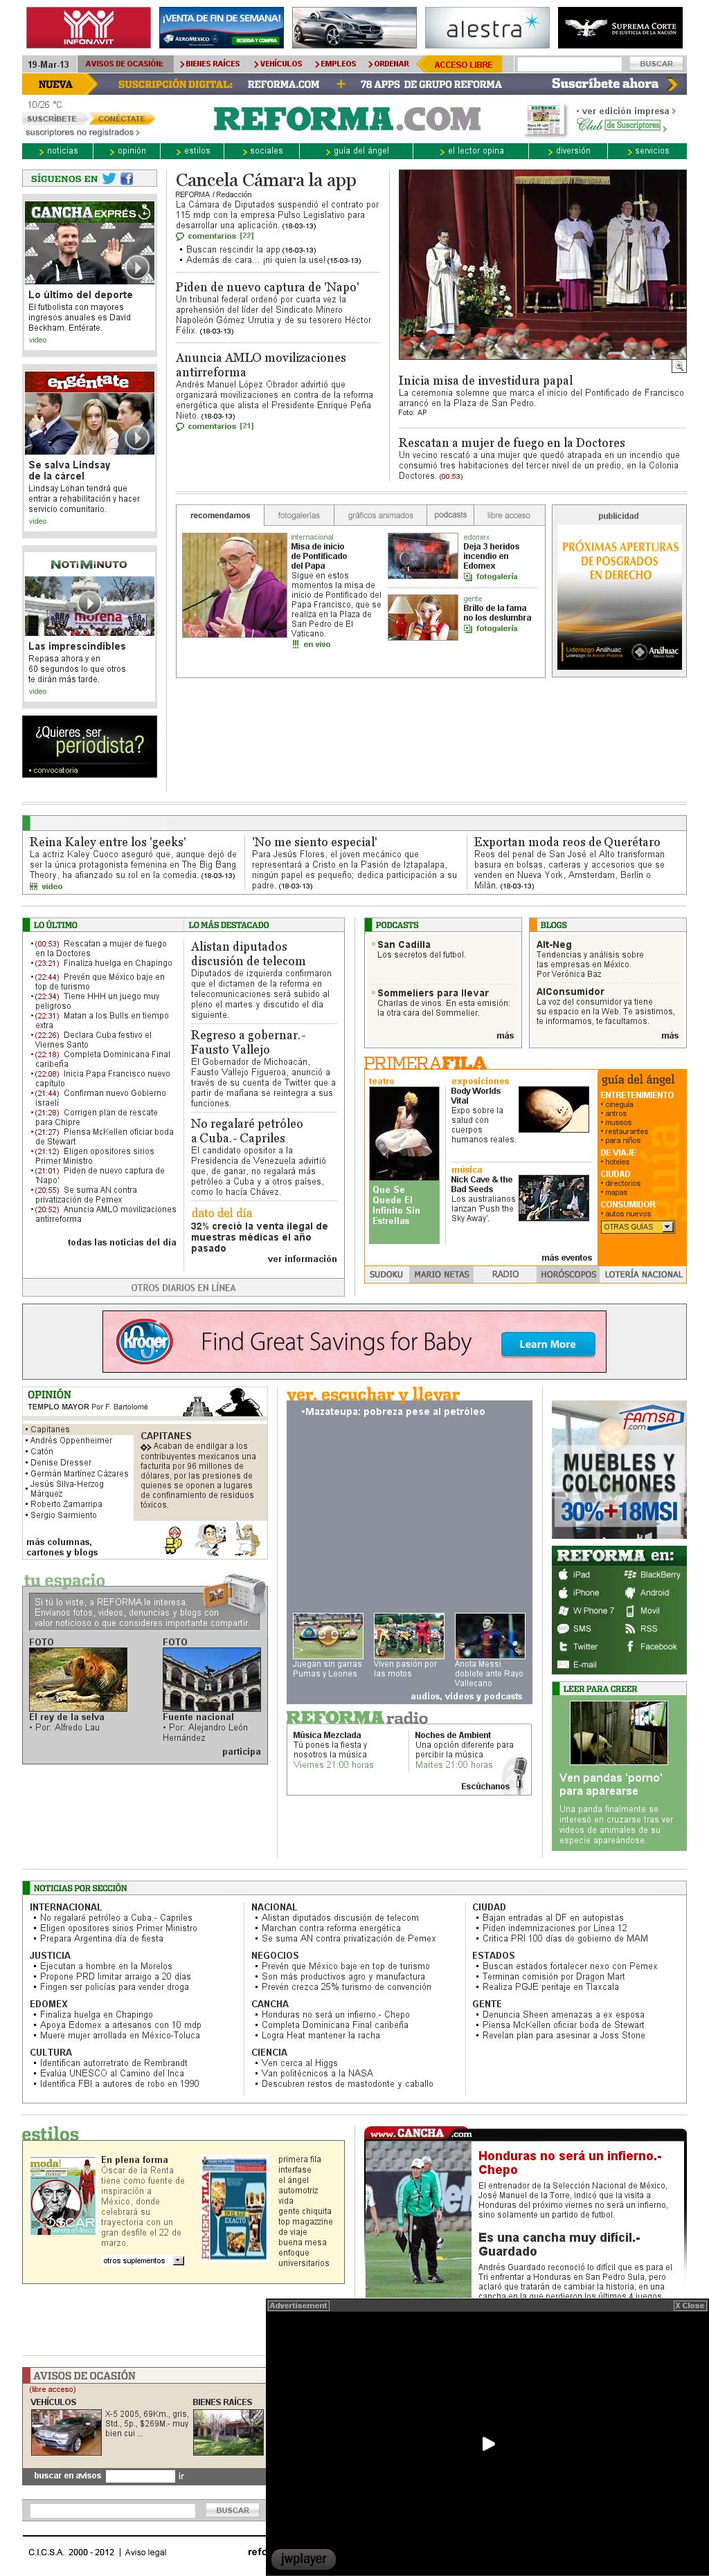 Reforma.com at Tuesday March 19, 2013, 10:22 a.m. UTC